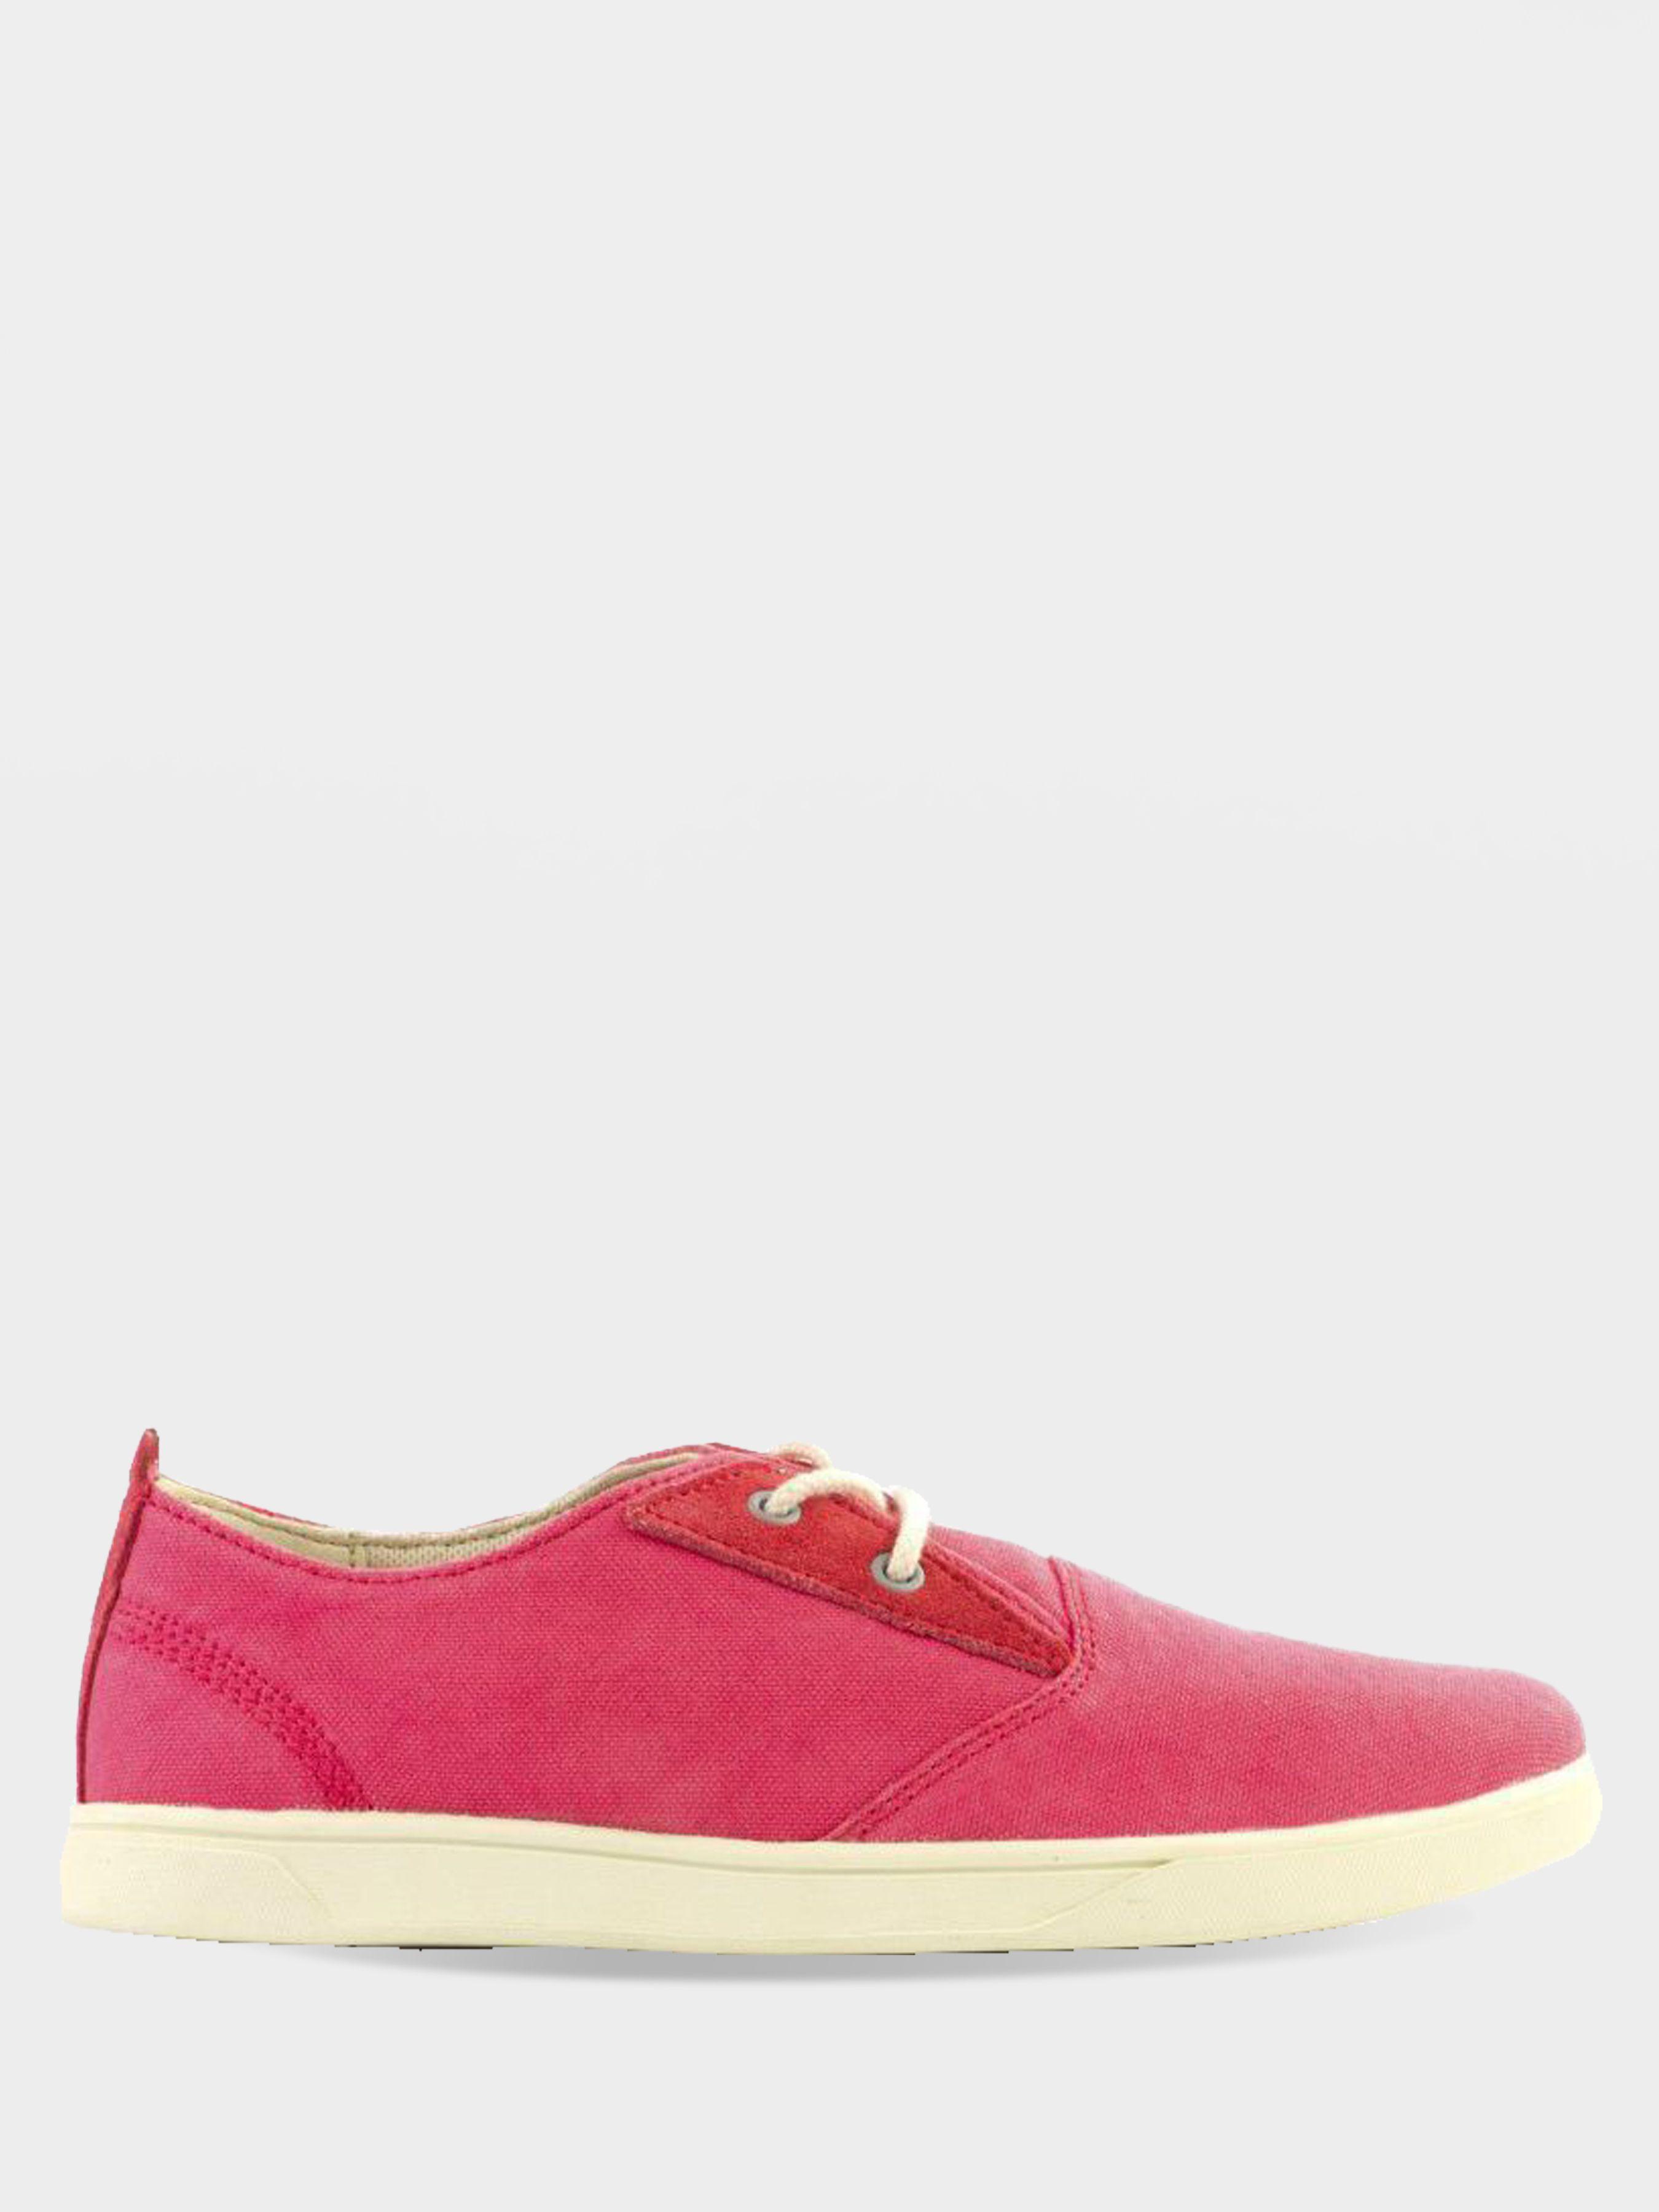 Купить Полуботинки детские Timberland GROVETON TL1534, Розовый